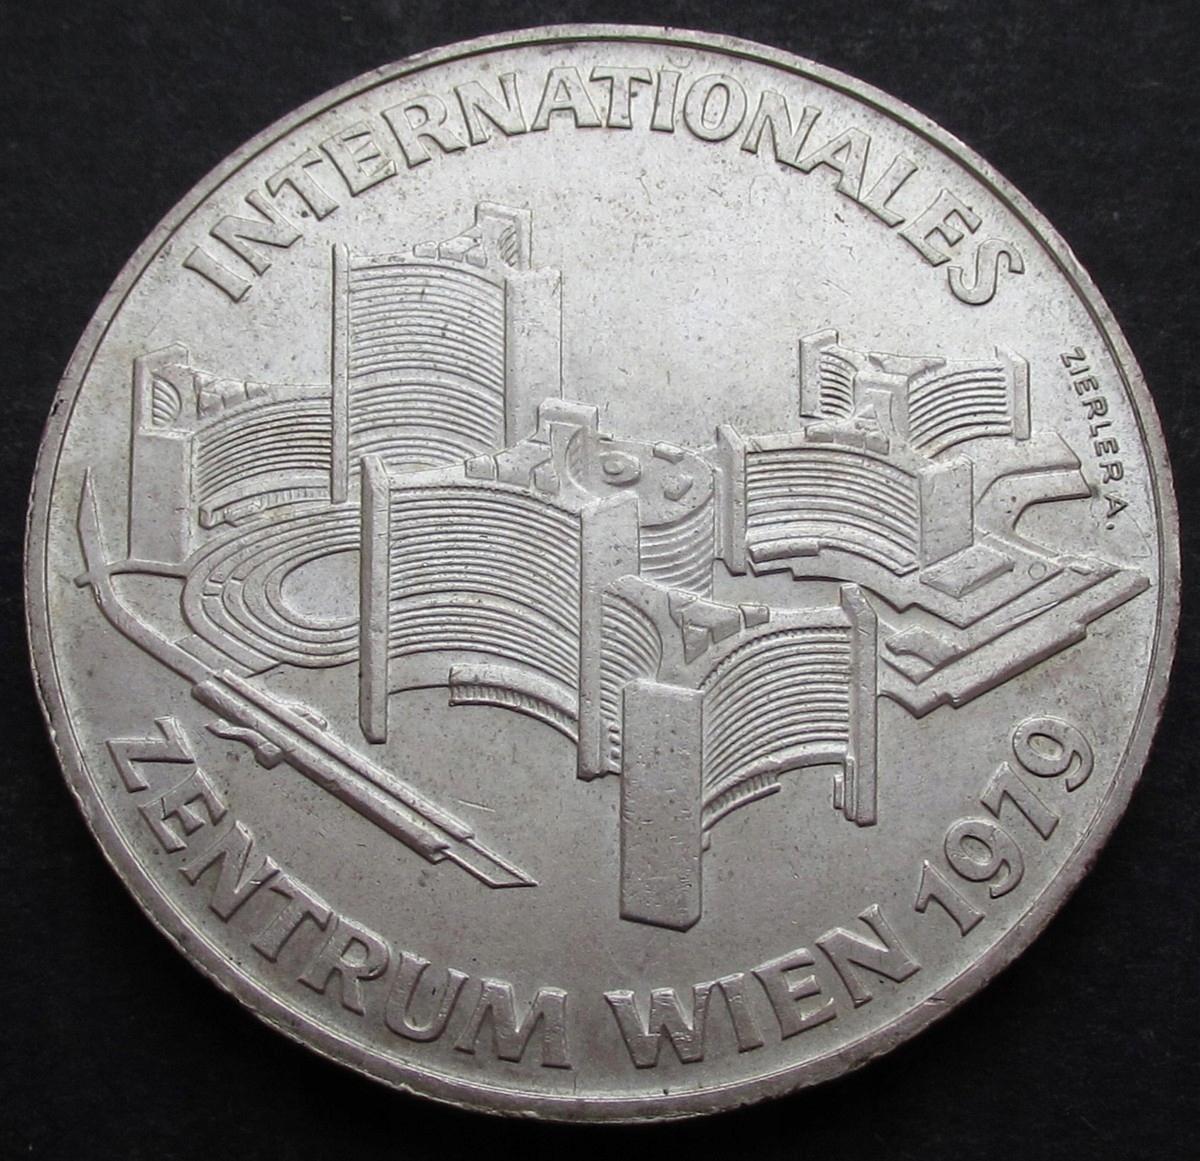 ANK AUSTRIA 100 SCHILLING 1979 WIEN st. I-/II++